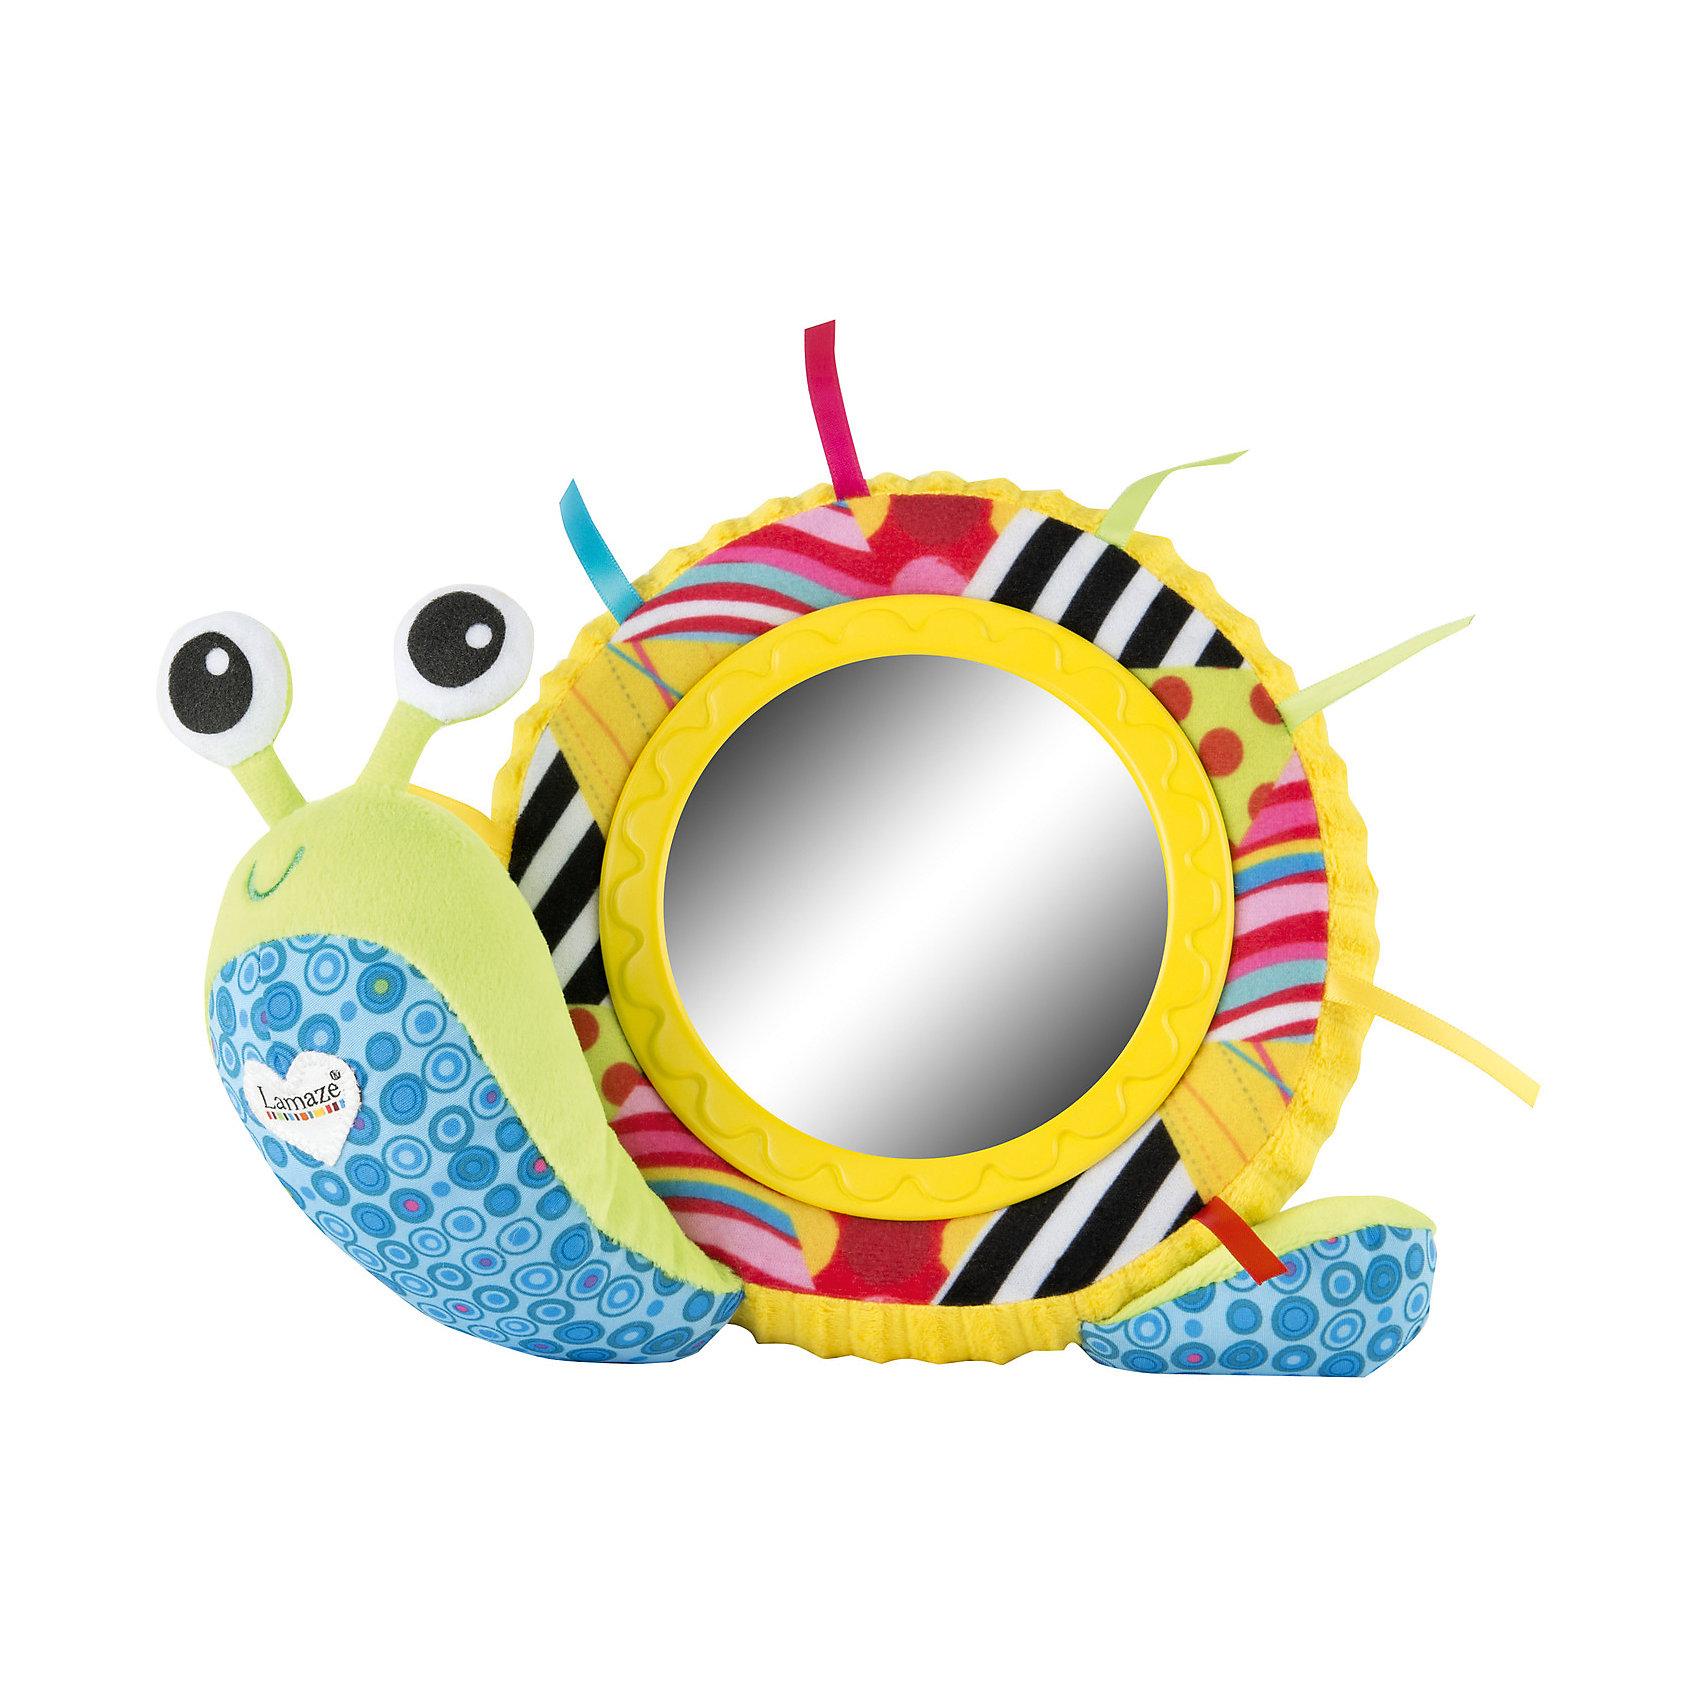 TOMY Мягкая игрушка Улитка Мишель с зеркальцем, свет, звук, Tomy Lamaze lamaze улитка мишель с зеркальцем